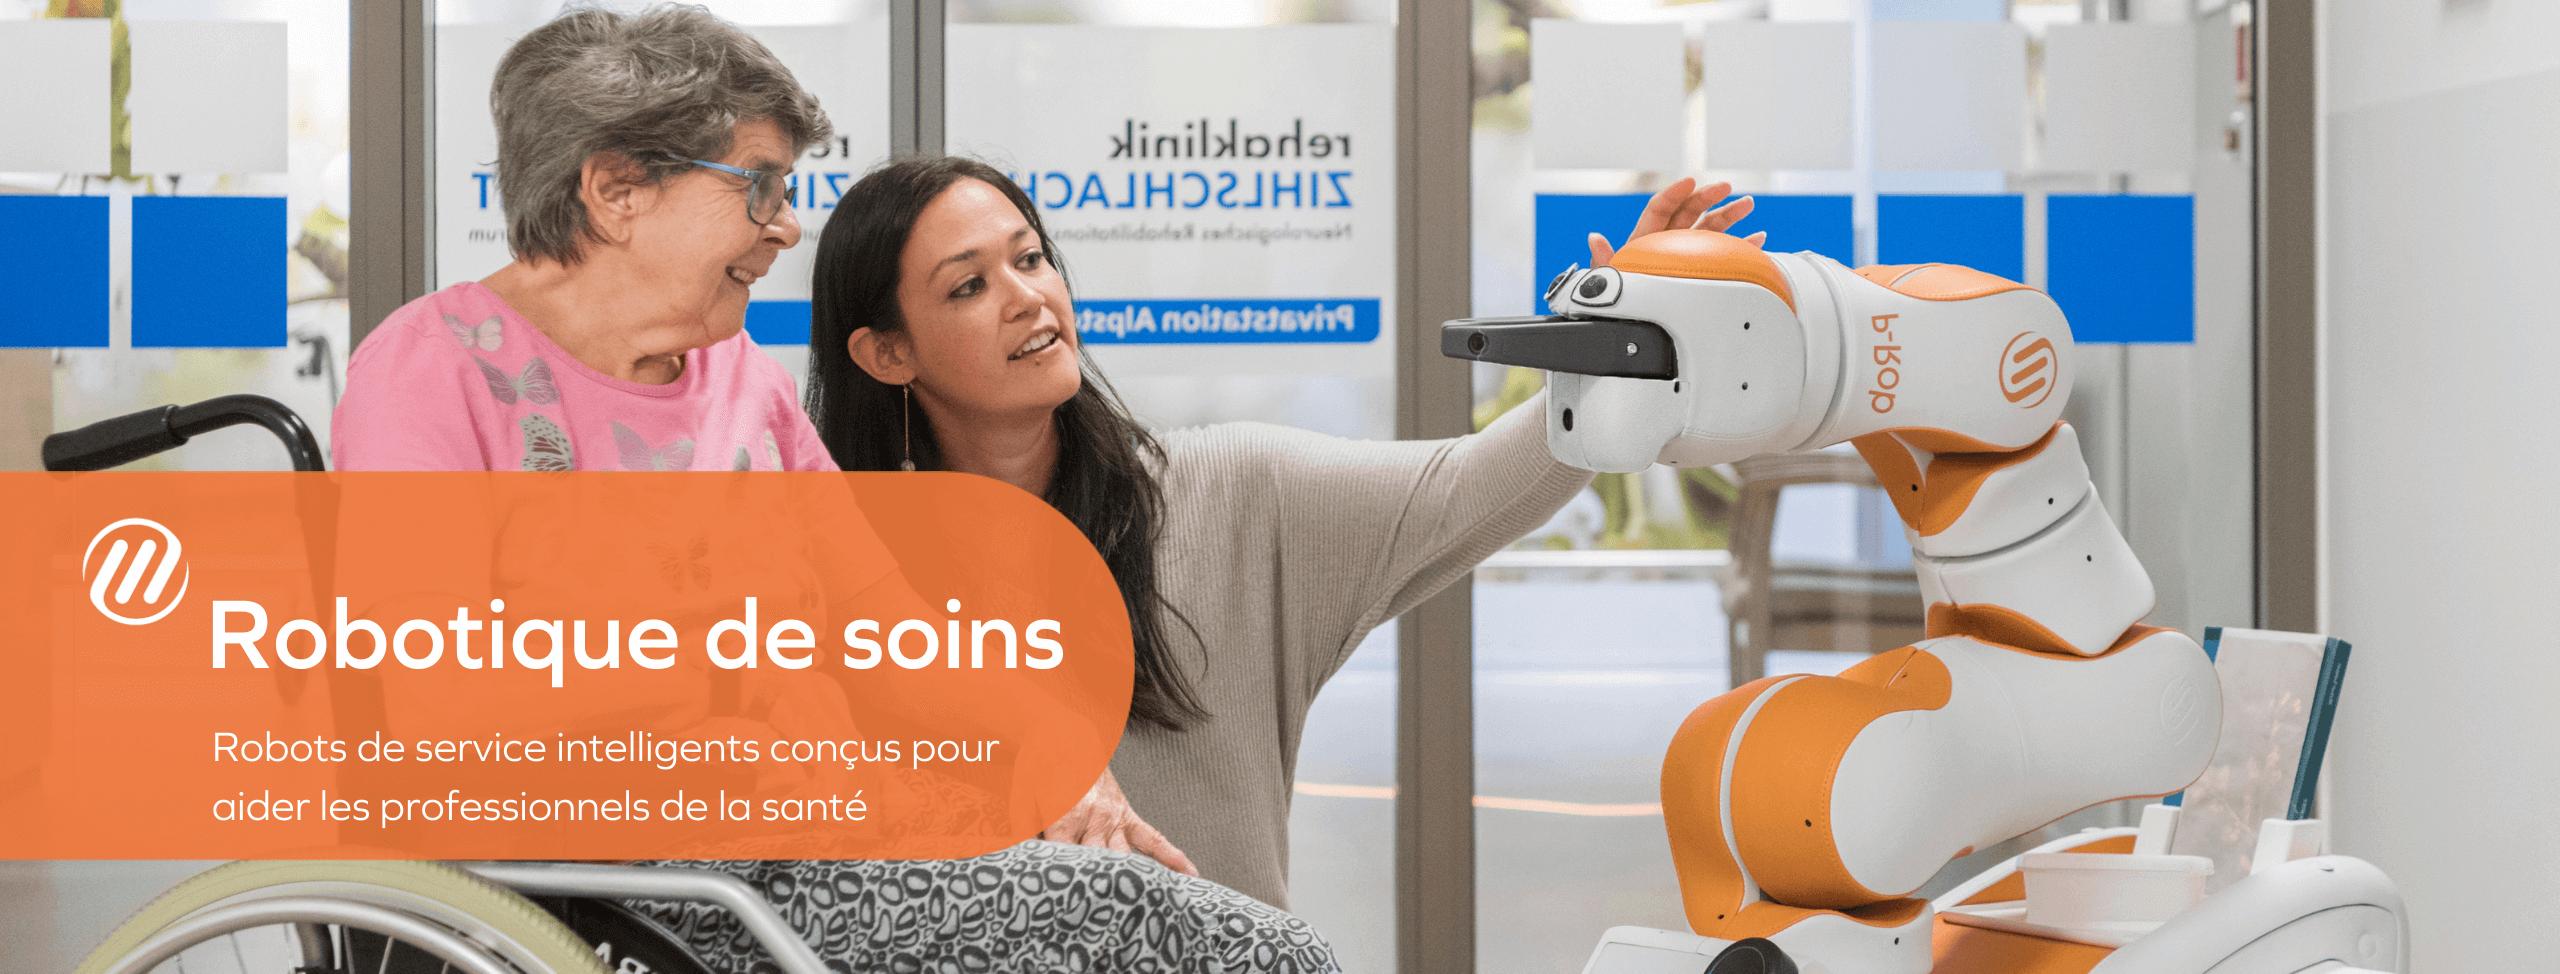 Robotique de soins - Robots de service intelligents conçus pour aider les professionnels de la santé